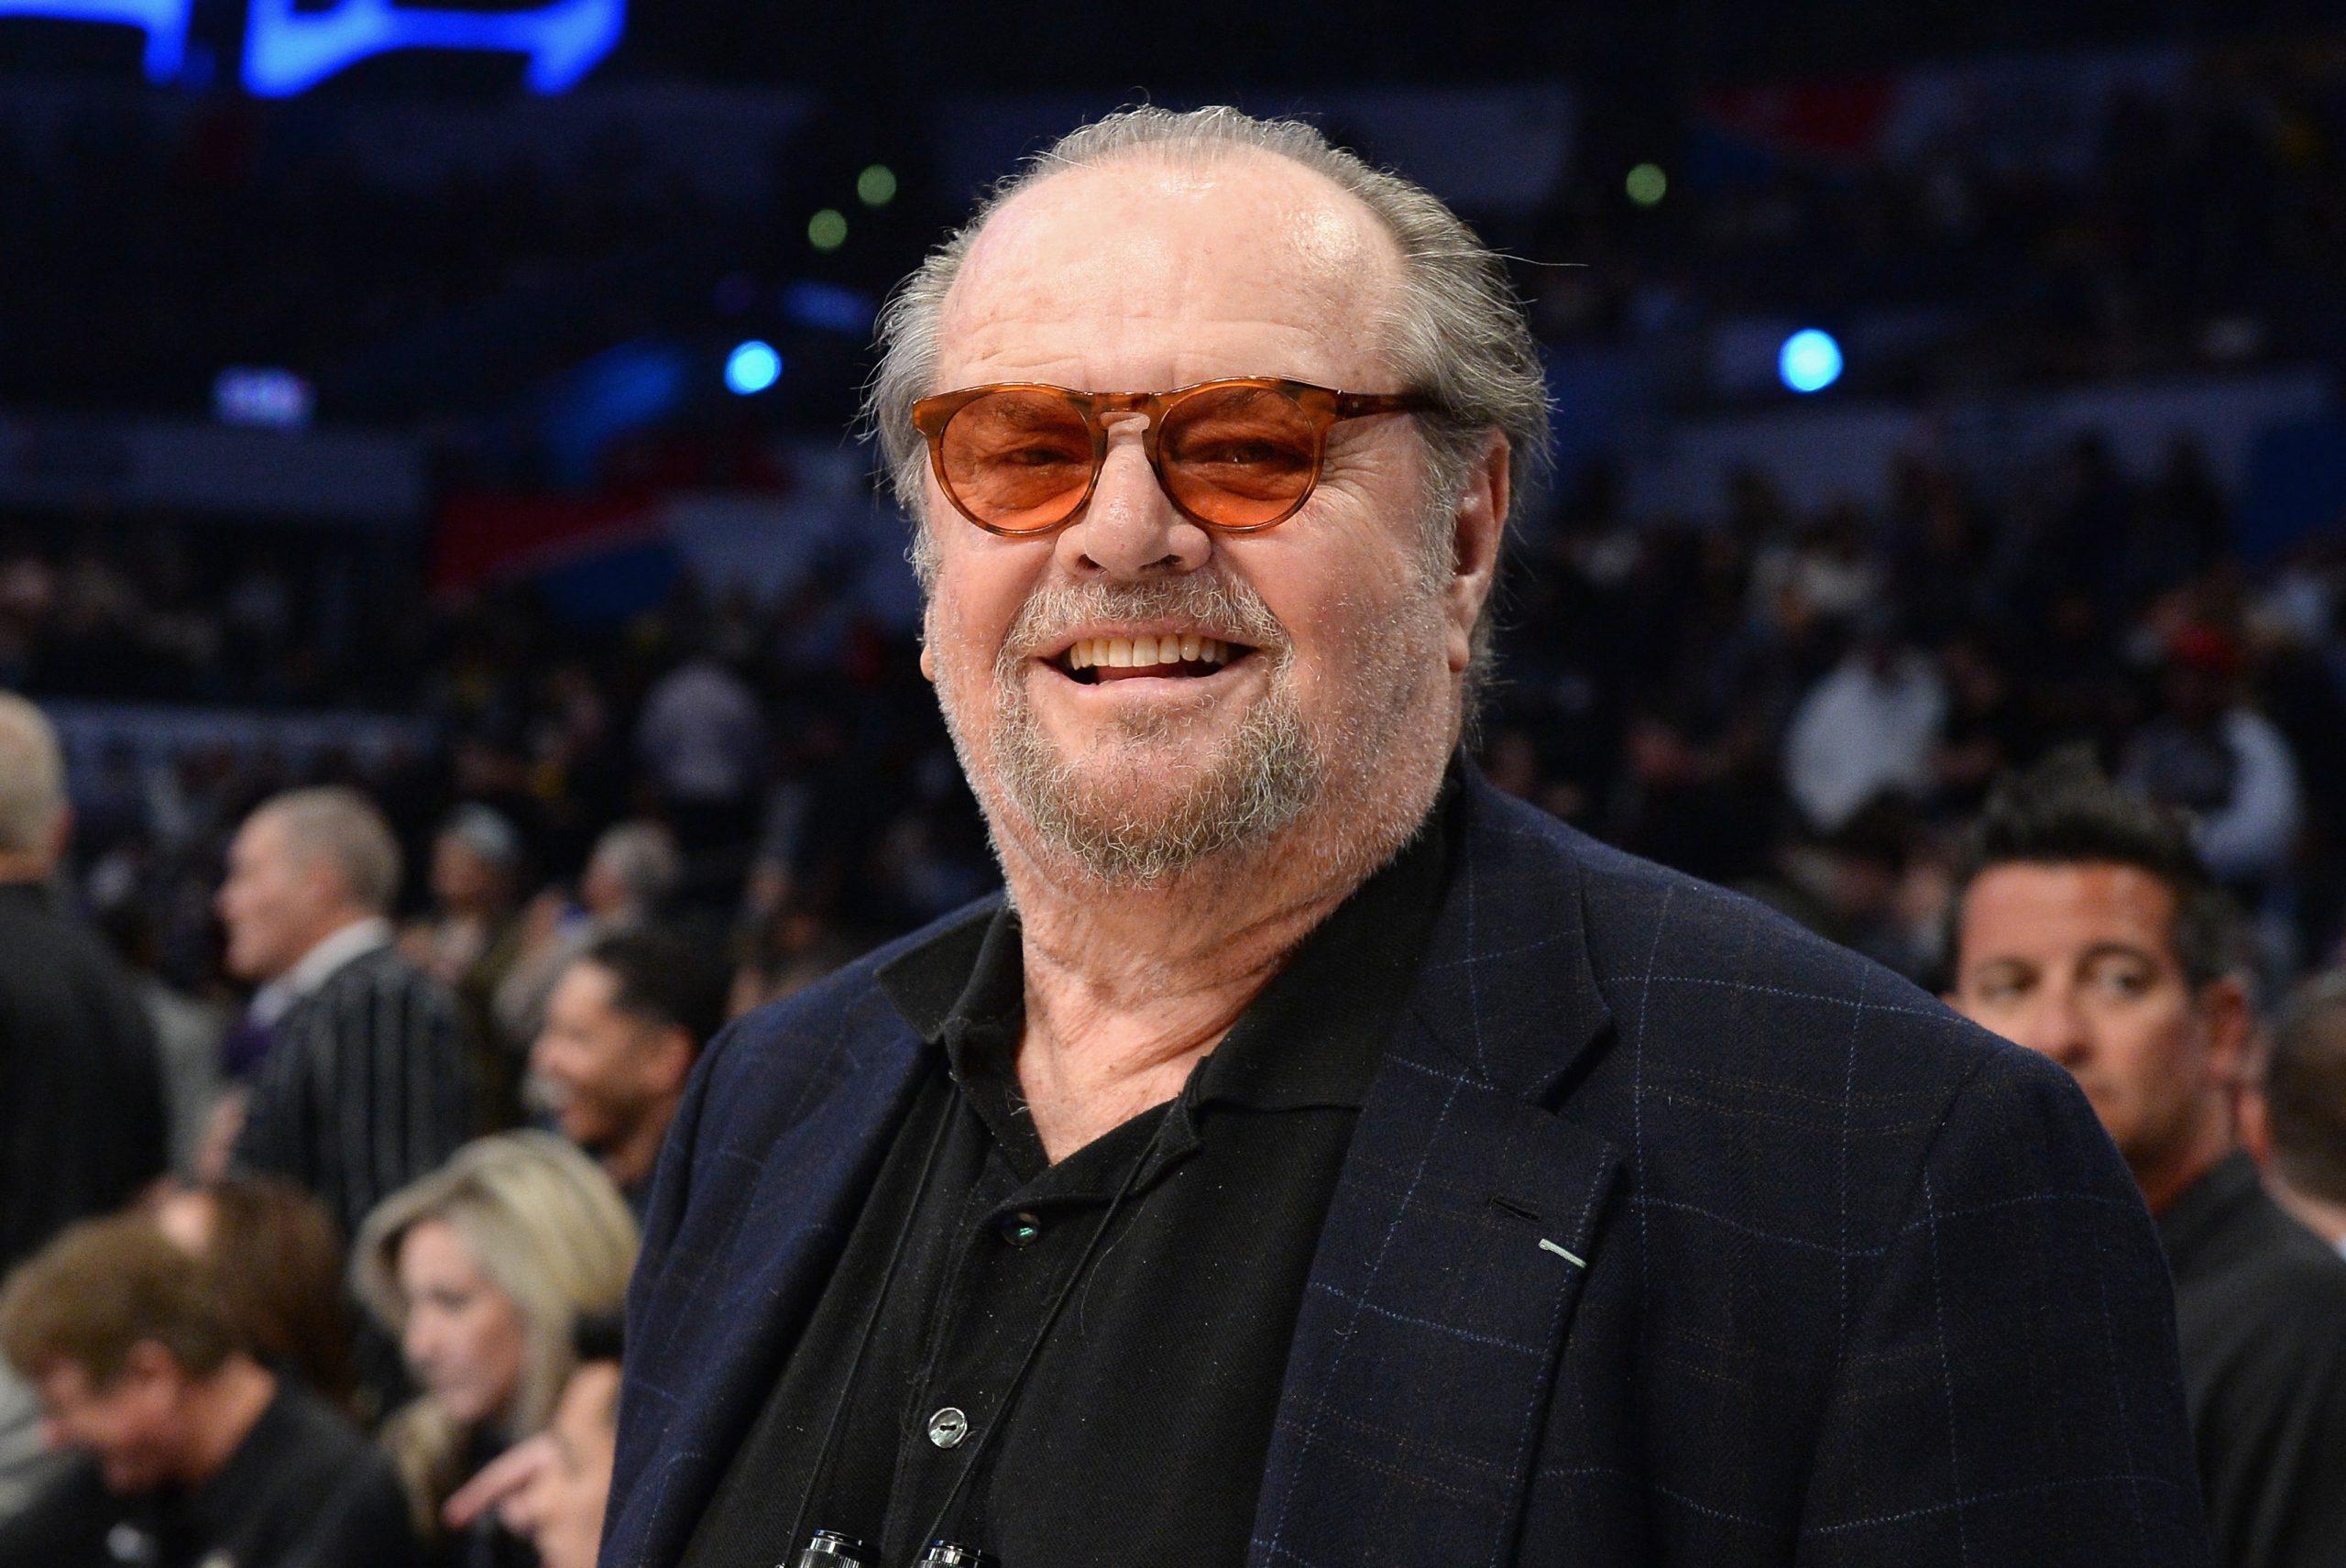 Jack Nicholson scaled .Lista de los 20 actores más ricos del mundo 2021 y su Patrimonio